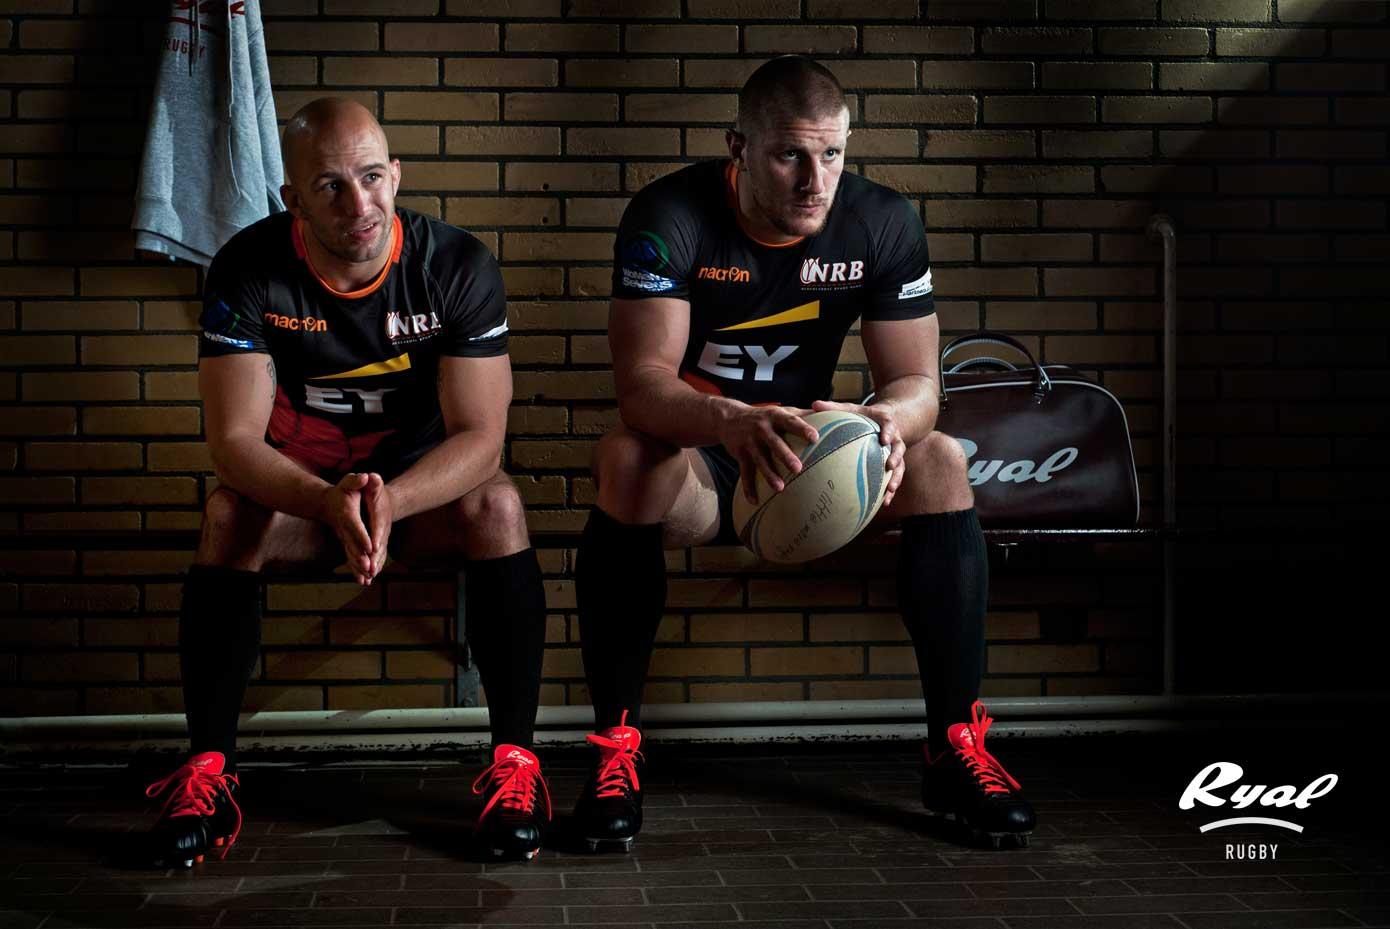 Ryal-Rugby-01